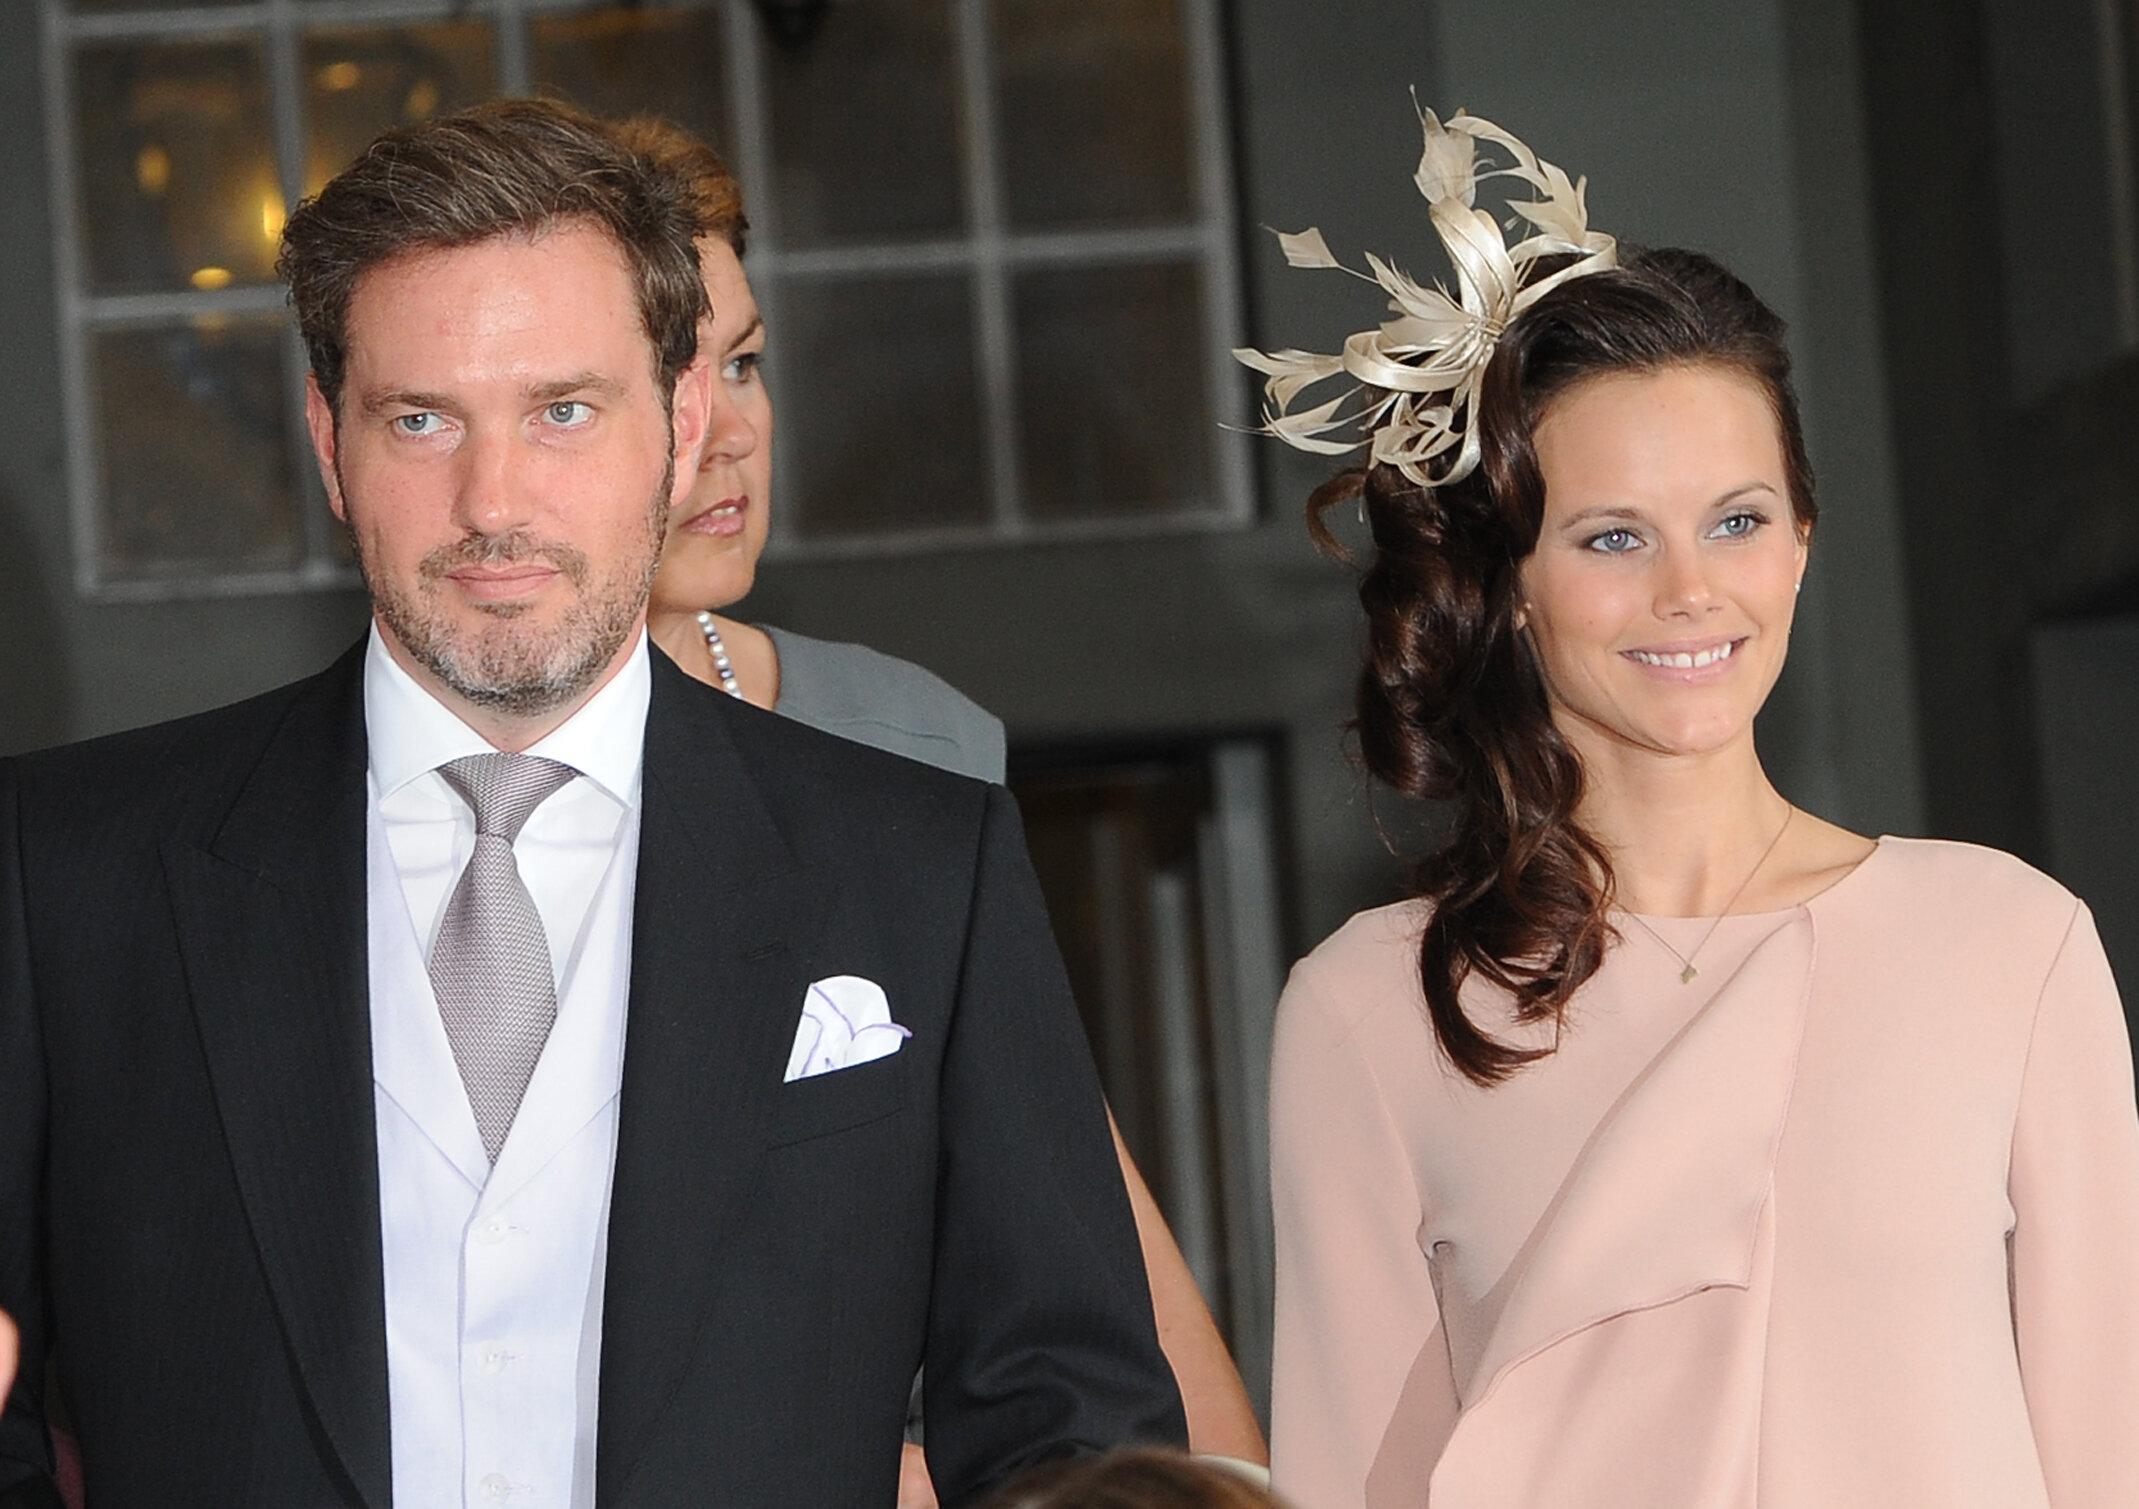 Christopher O'Neill und Prinzessin Sofia kannten sich bereits, bevor sie ins schwedische Königshaus eingeheiratet haben.  © dpa